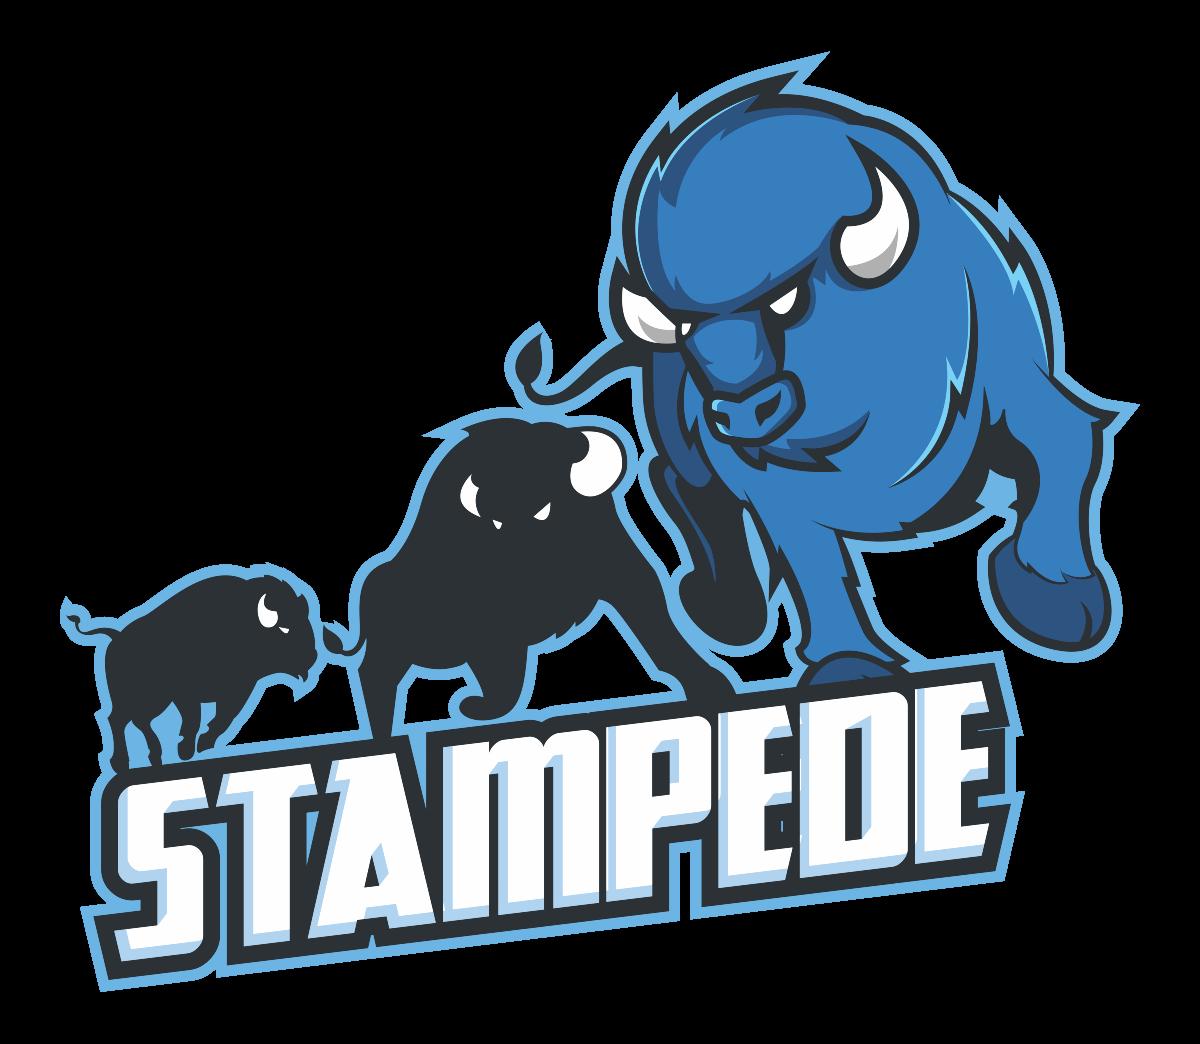 Design logo for a Team